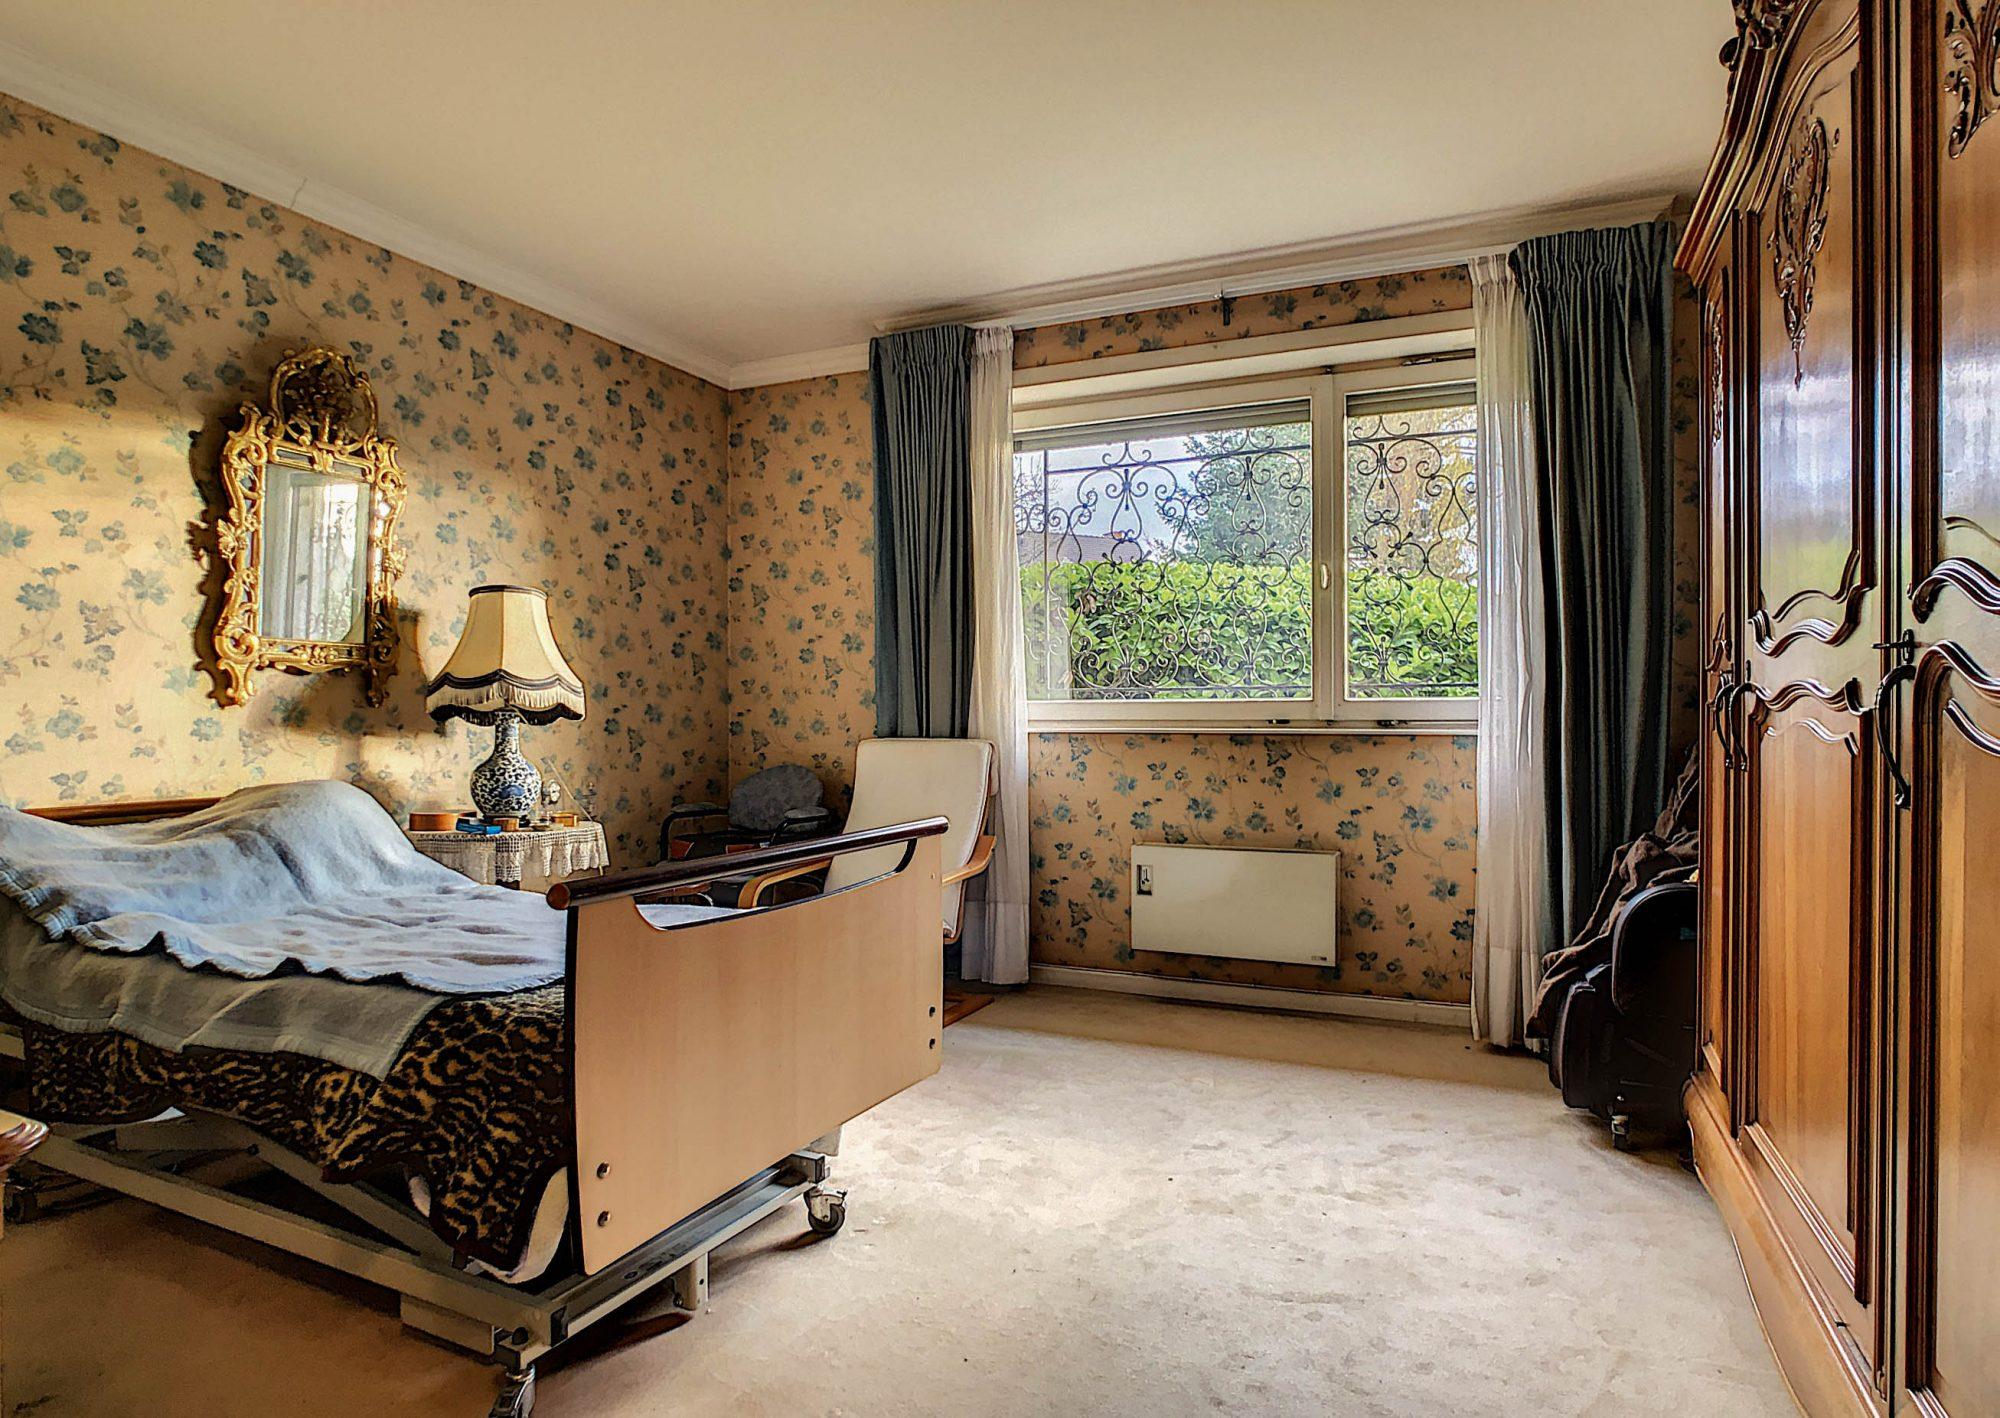 Maison individuelle 8 pièces de 250m2 à Illkirch-Graffenstaden - Devenez propriétaire en toute confiance - Bintz Immobilier - 13